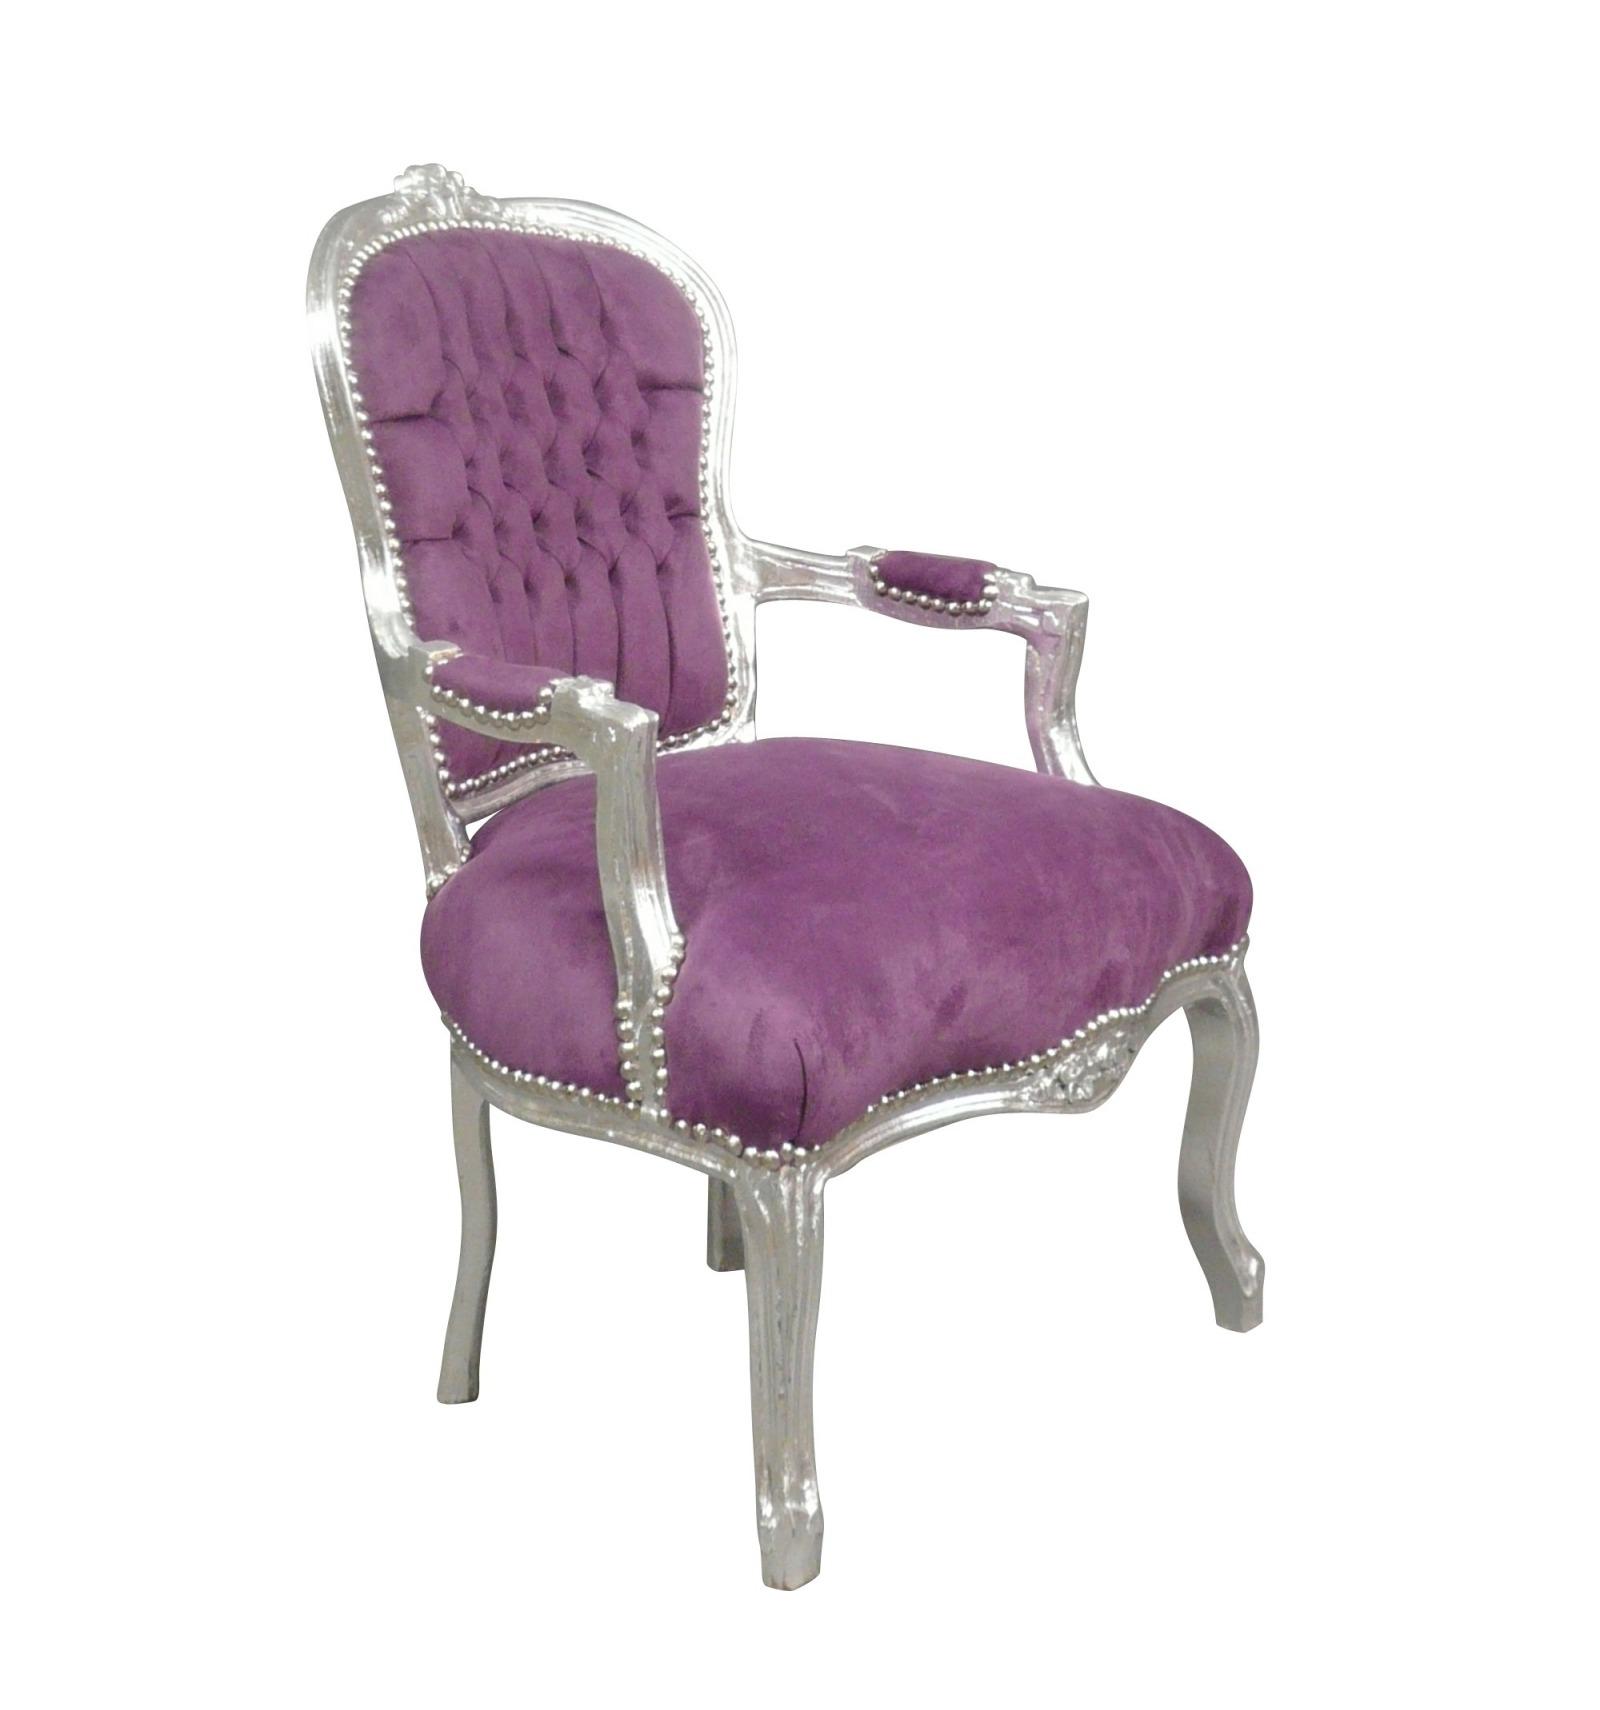 fauteuil louis xv mauve. Black Bedroom Furniture Sets. Home Design Ideas